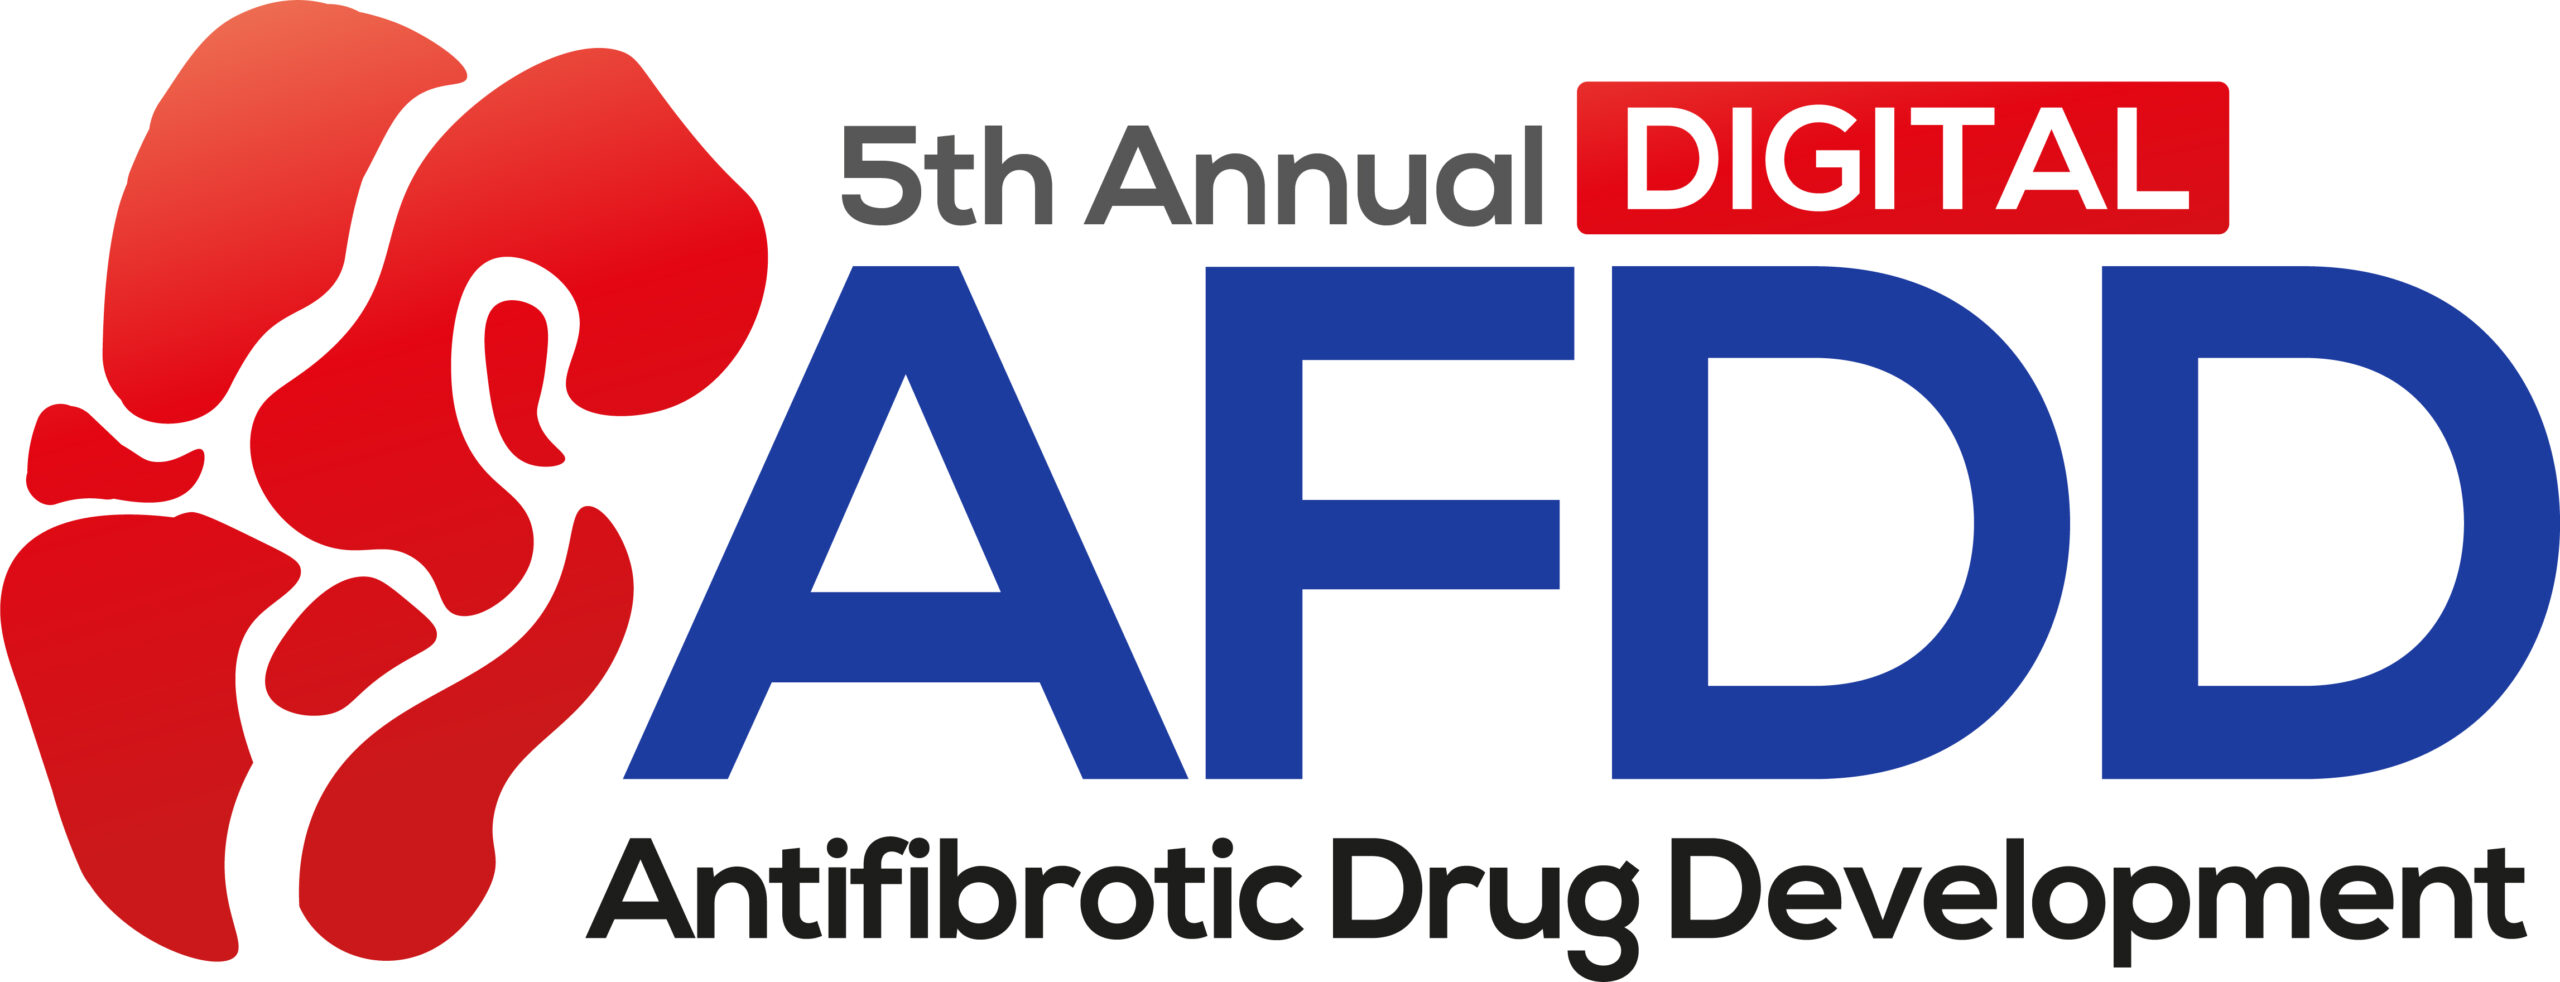 HW210119 AFDD 2021 Logo